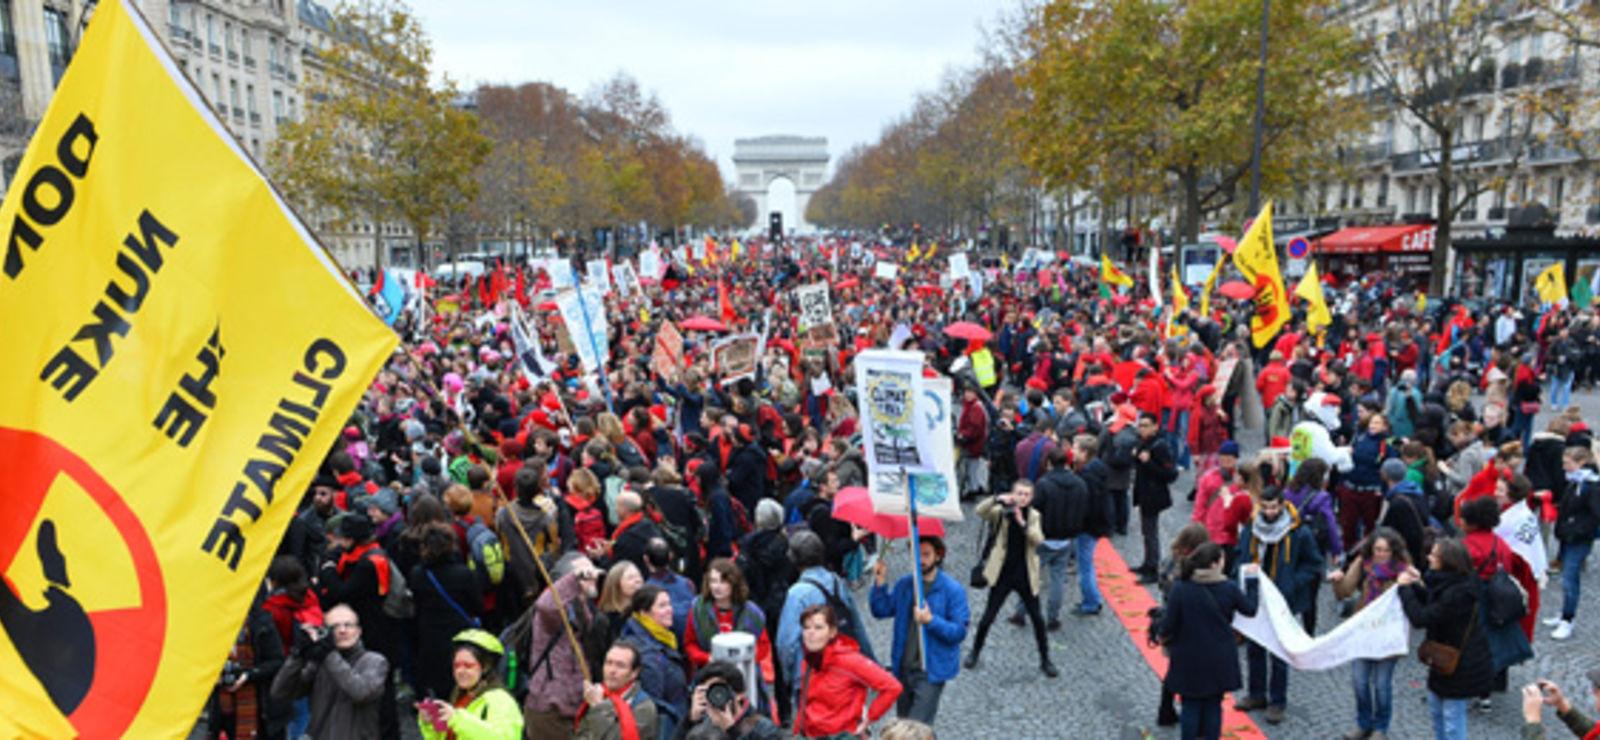 Climat : la société civile s'affiche dans la rue, pacifique et déterminée